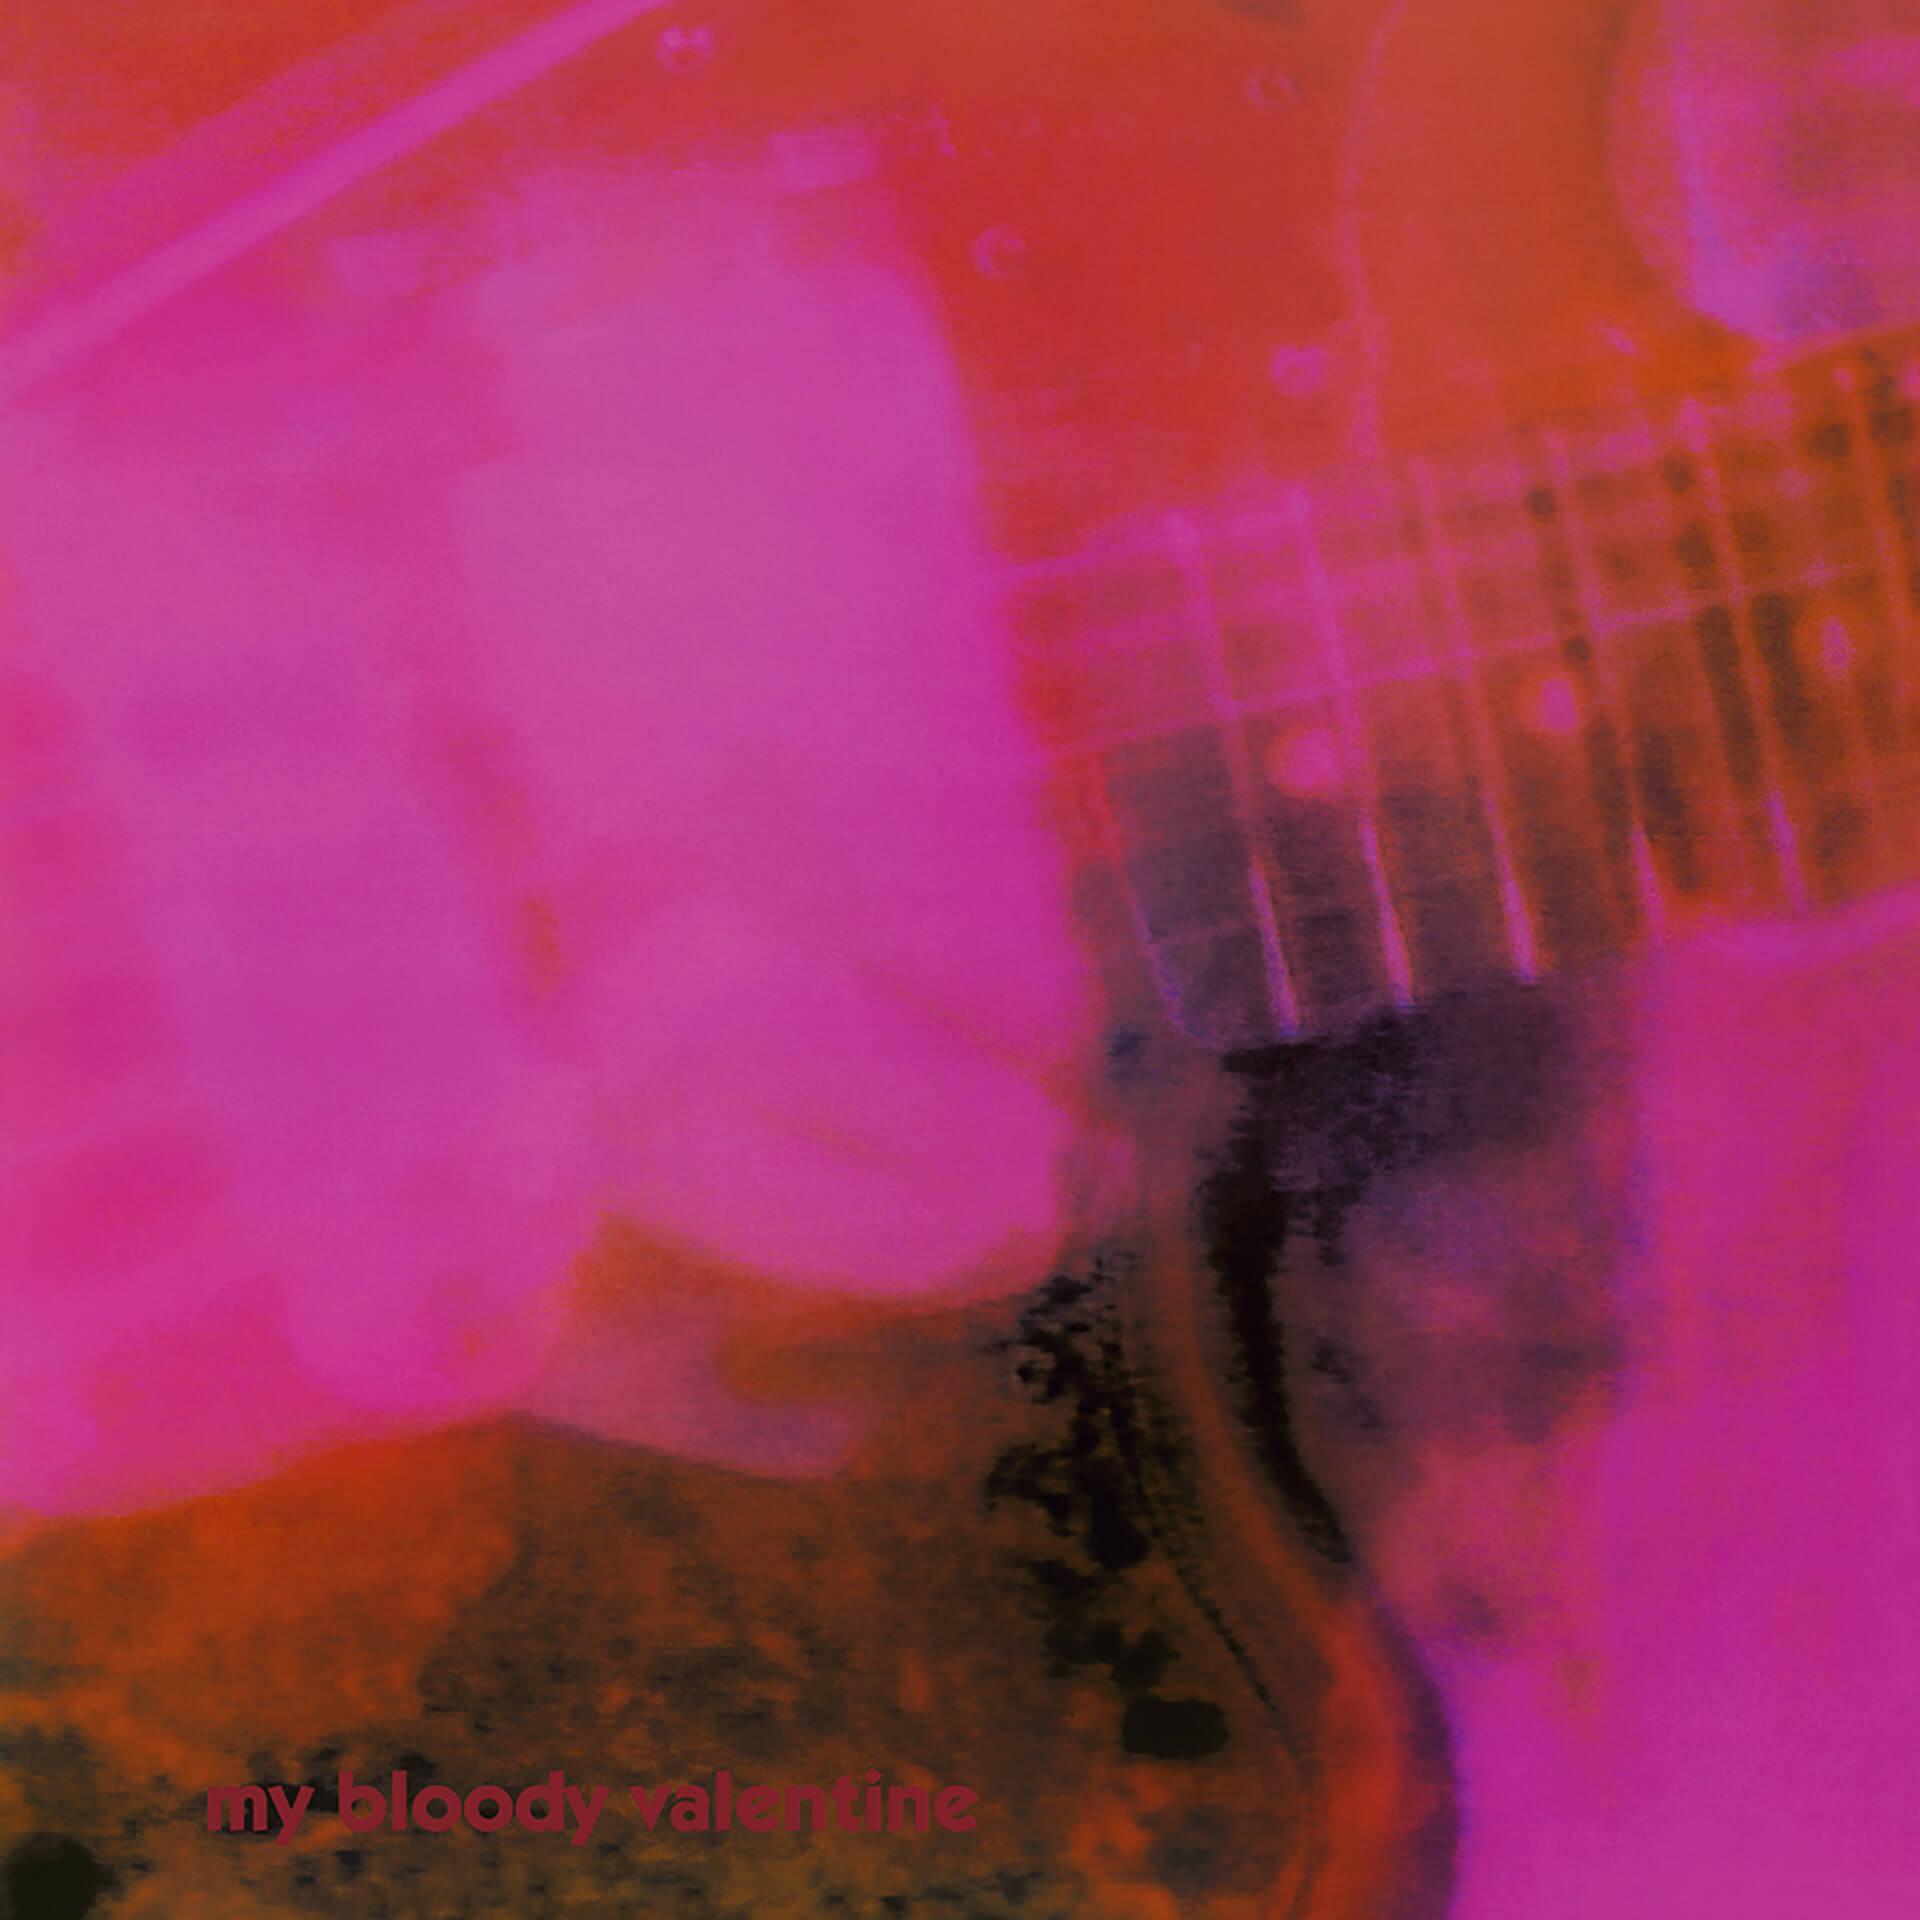 My Bloody Valentine新装盤CDとLPがいよいよ今週発売!レコードショップ別の各種特典が解禁 music210517_mybloodyvalentine-210517_19